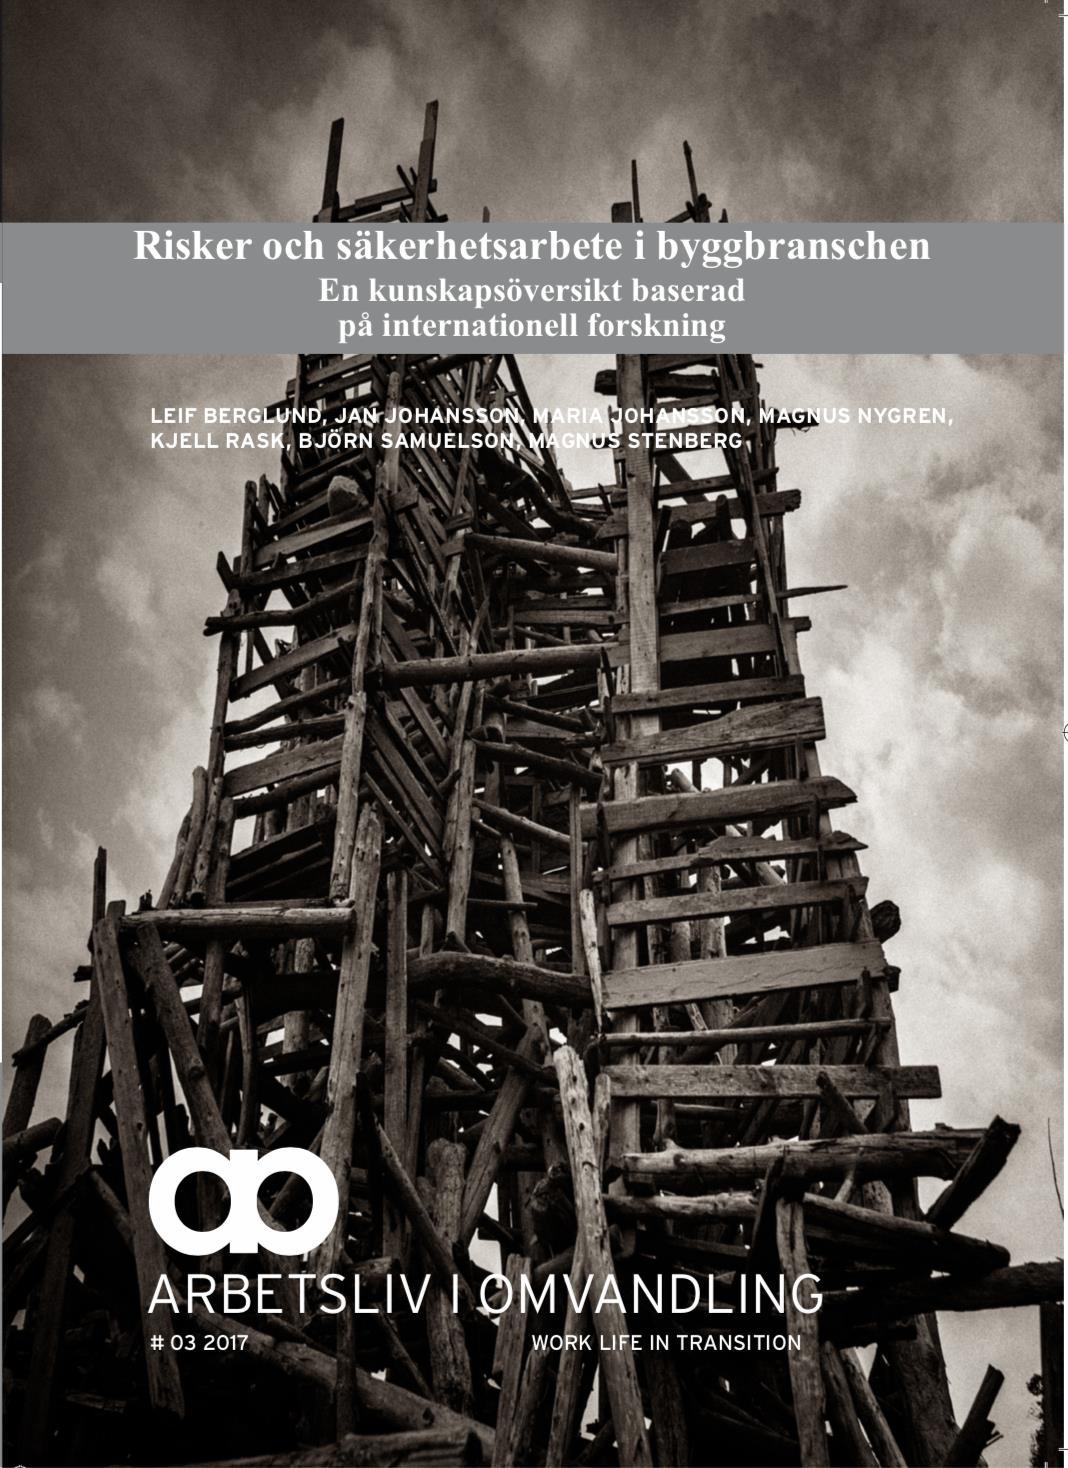 Visa Nr 3 (2017): Risker och säkerhetsarbete i byggbranschen: En kunskapsöversikt baserad på internationell forskning